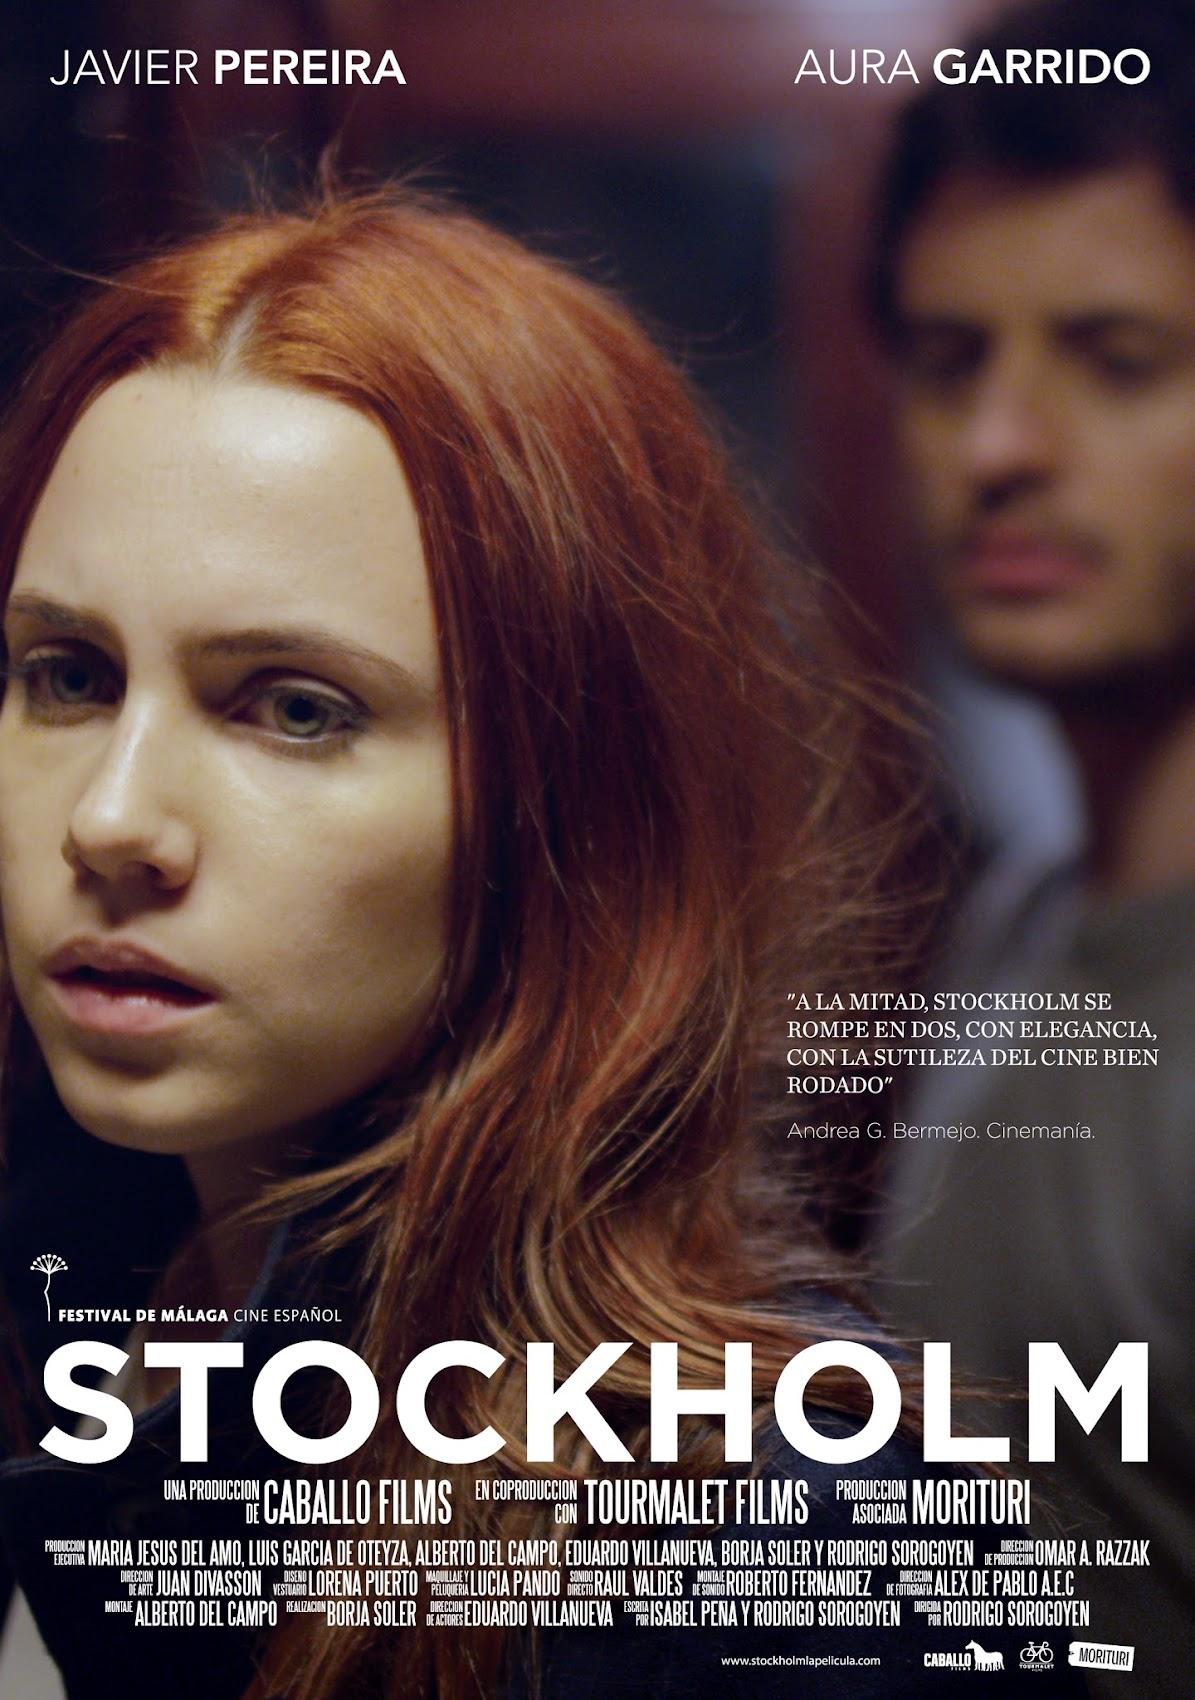 http://3.bp.blogspot.com/-lFhxjiLadyc/UYGZ_qj5CmI/AAAAAAAAEK4/28zLbUt8RWQ/s1700/Stockholm.jpg